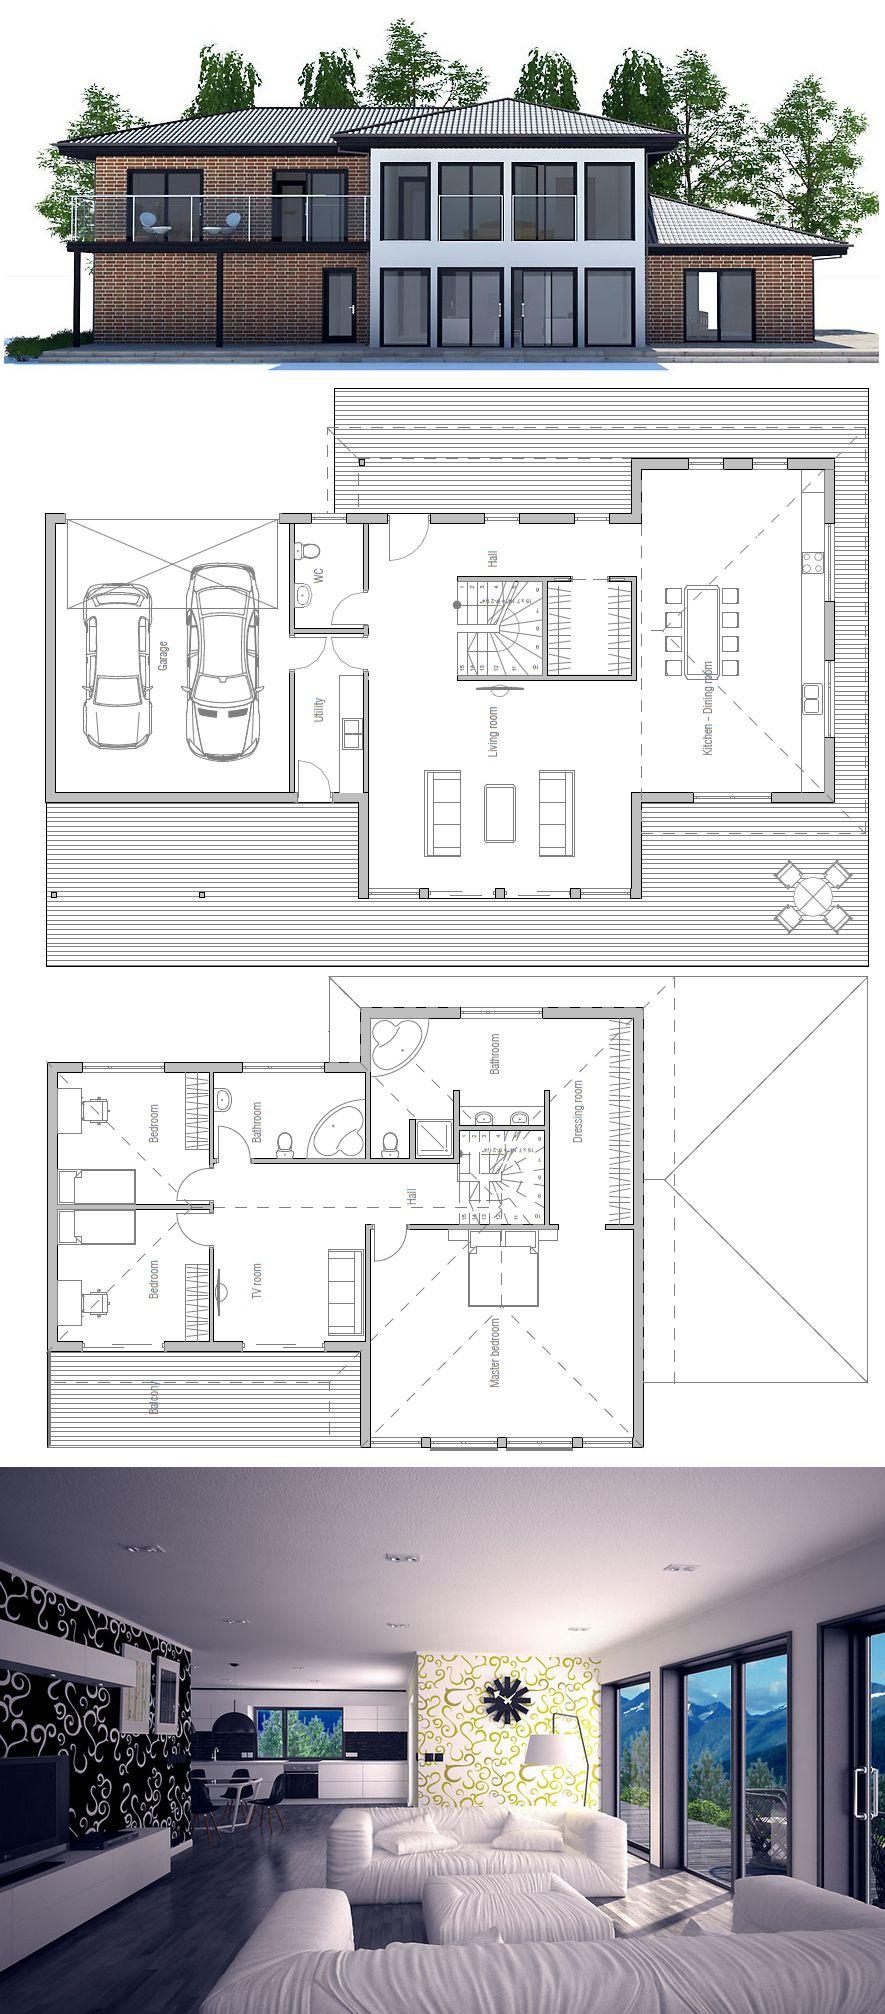 Hausplan · GrundrisseHausbauTraumhausWohnenModernes Haus ... Awesome Design